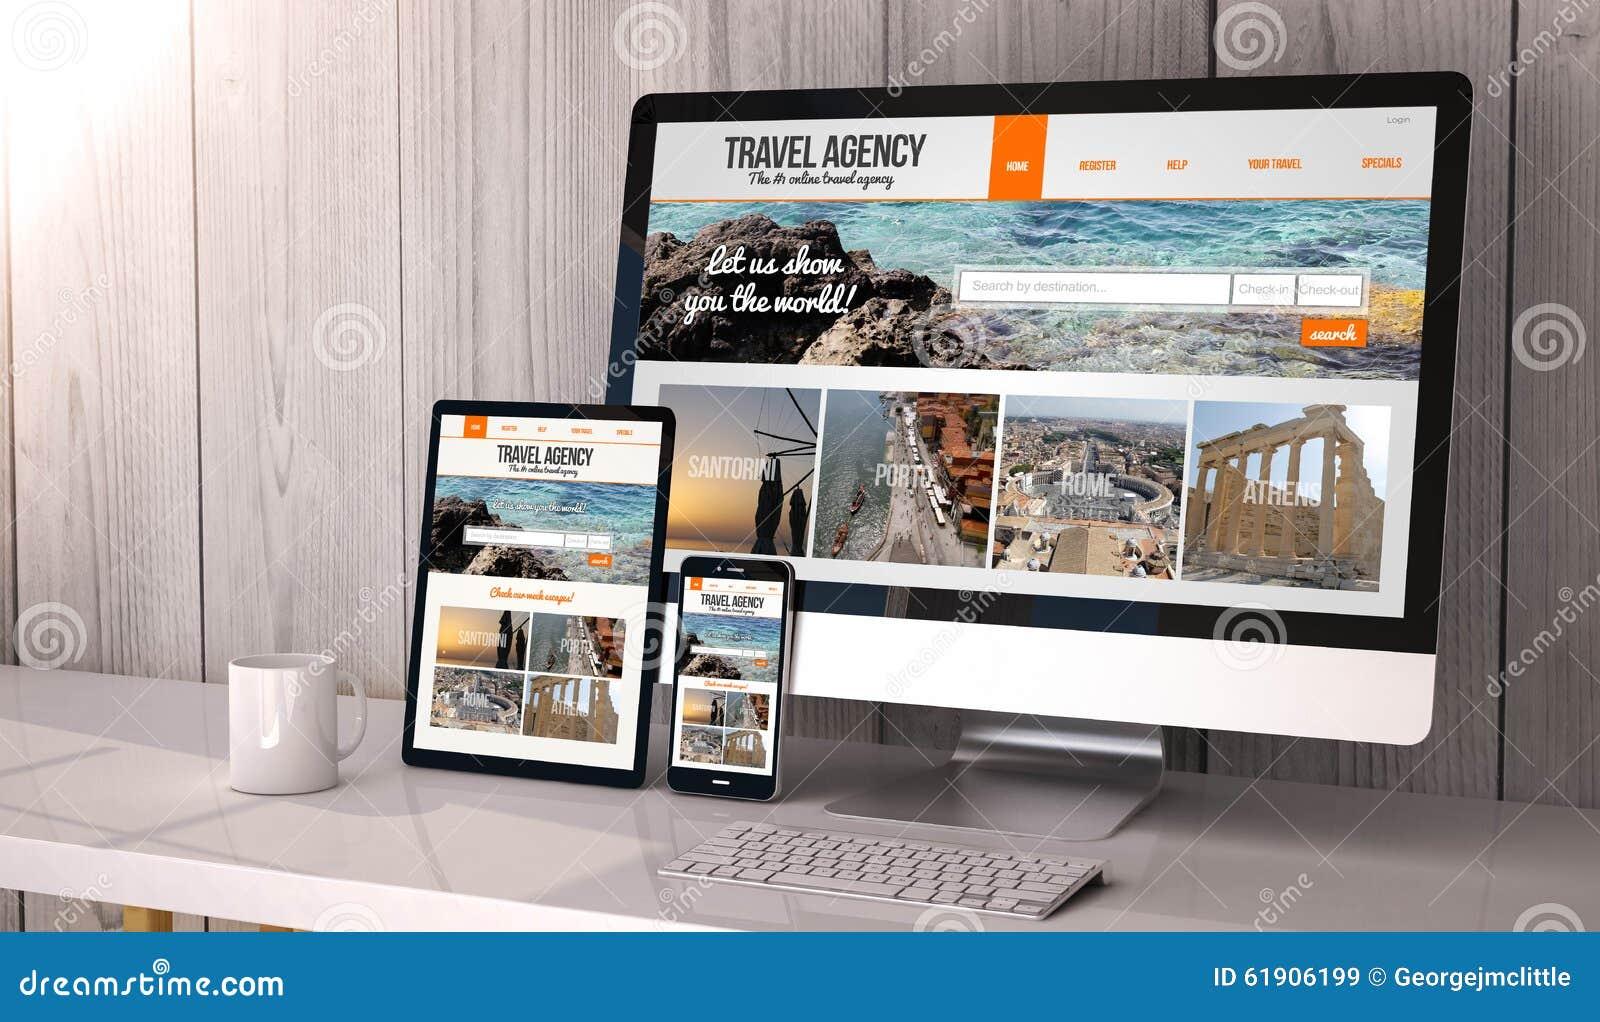 Geräte entgegenkommend auf ArbeitsplatzReisebüro online